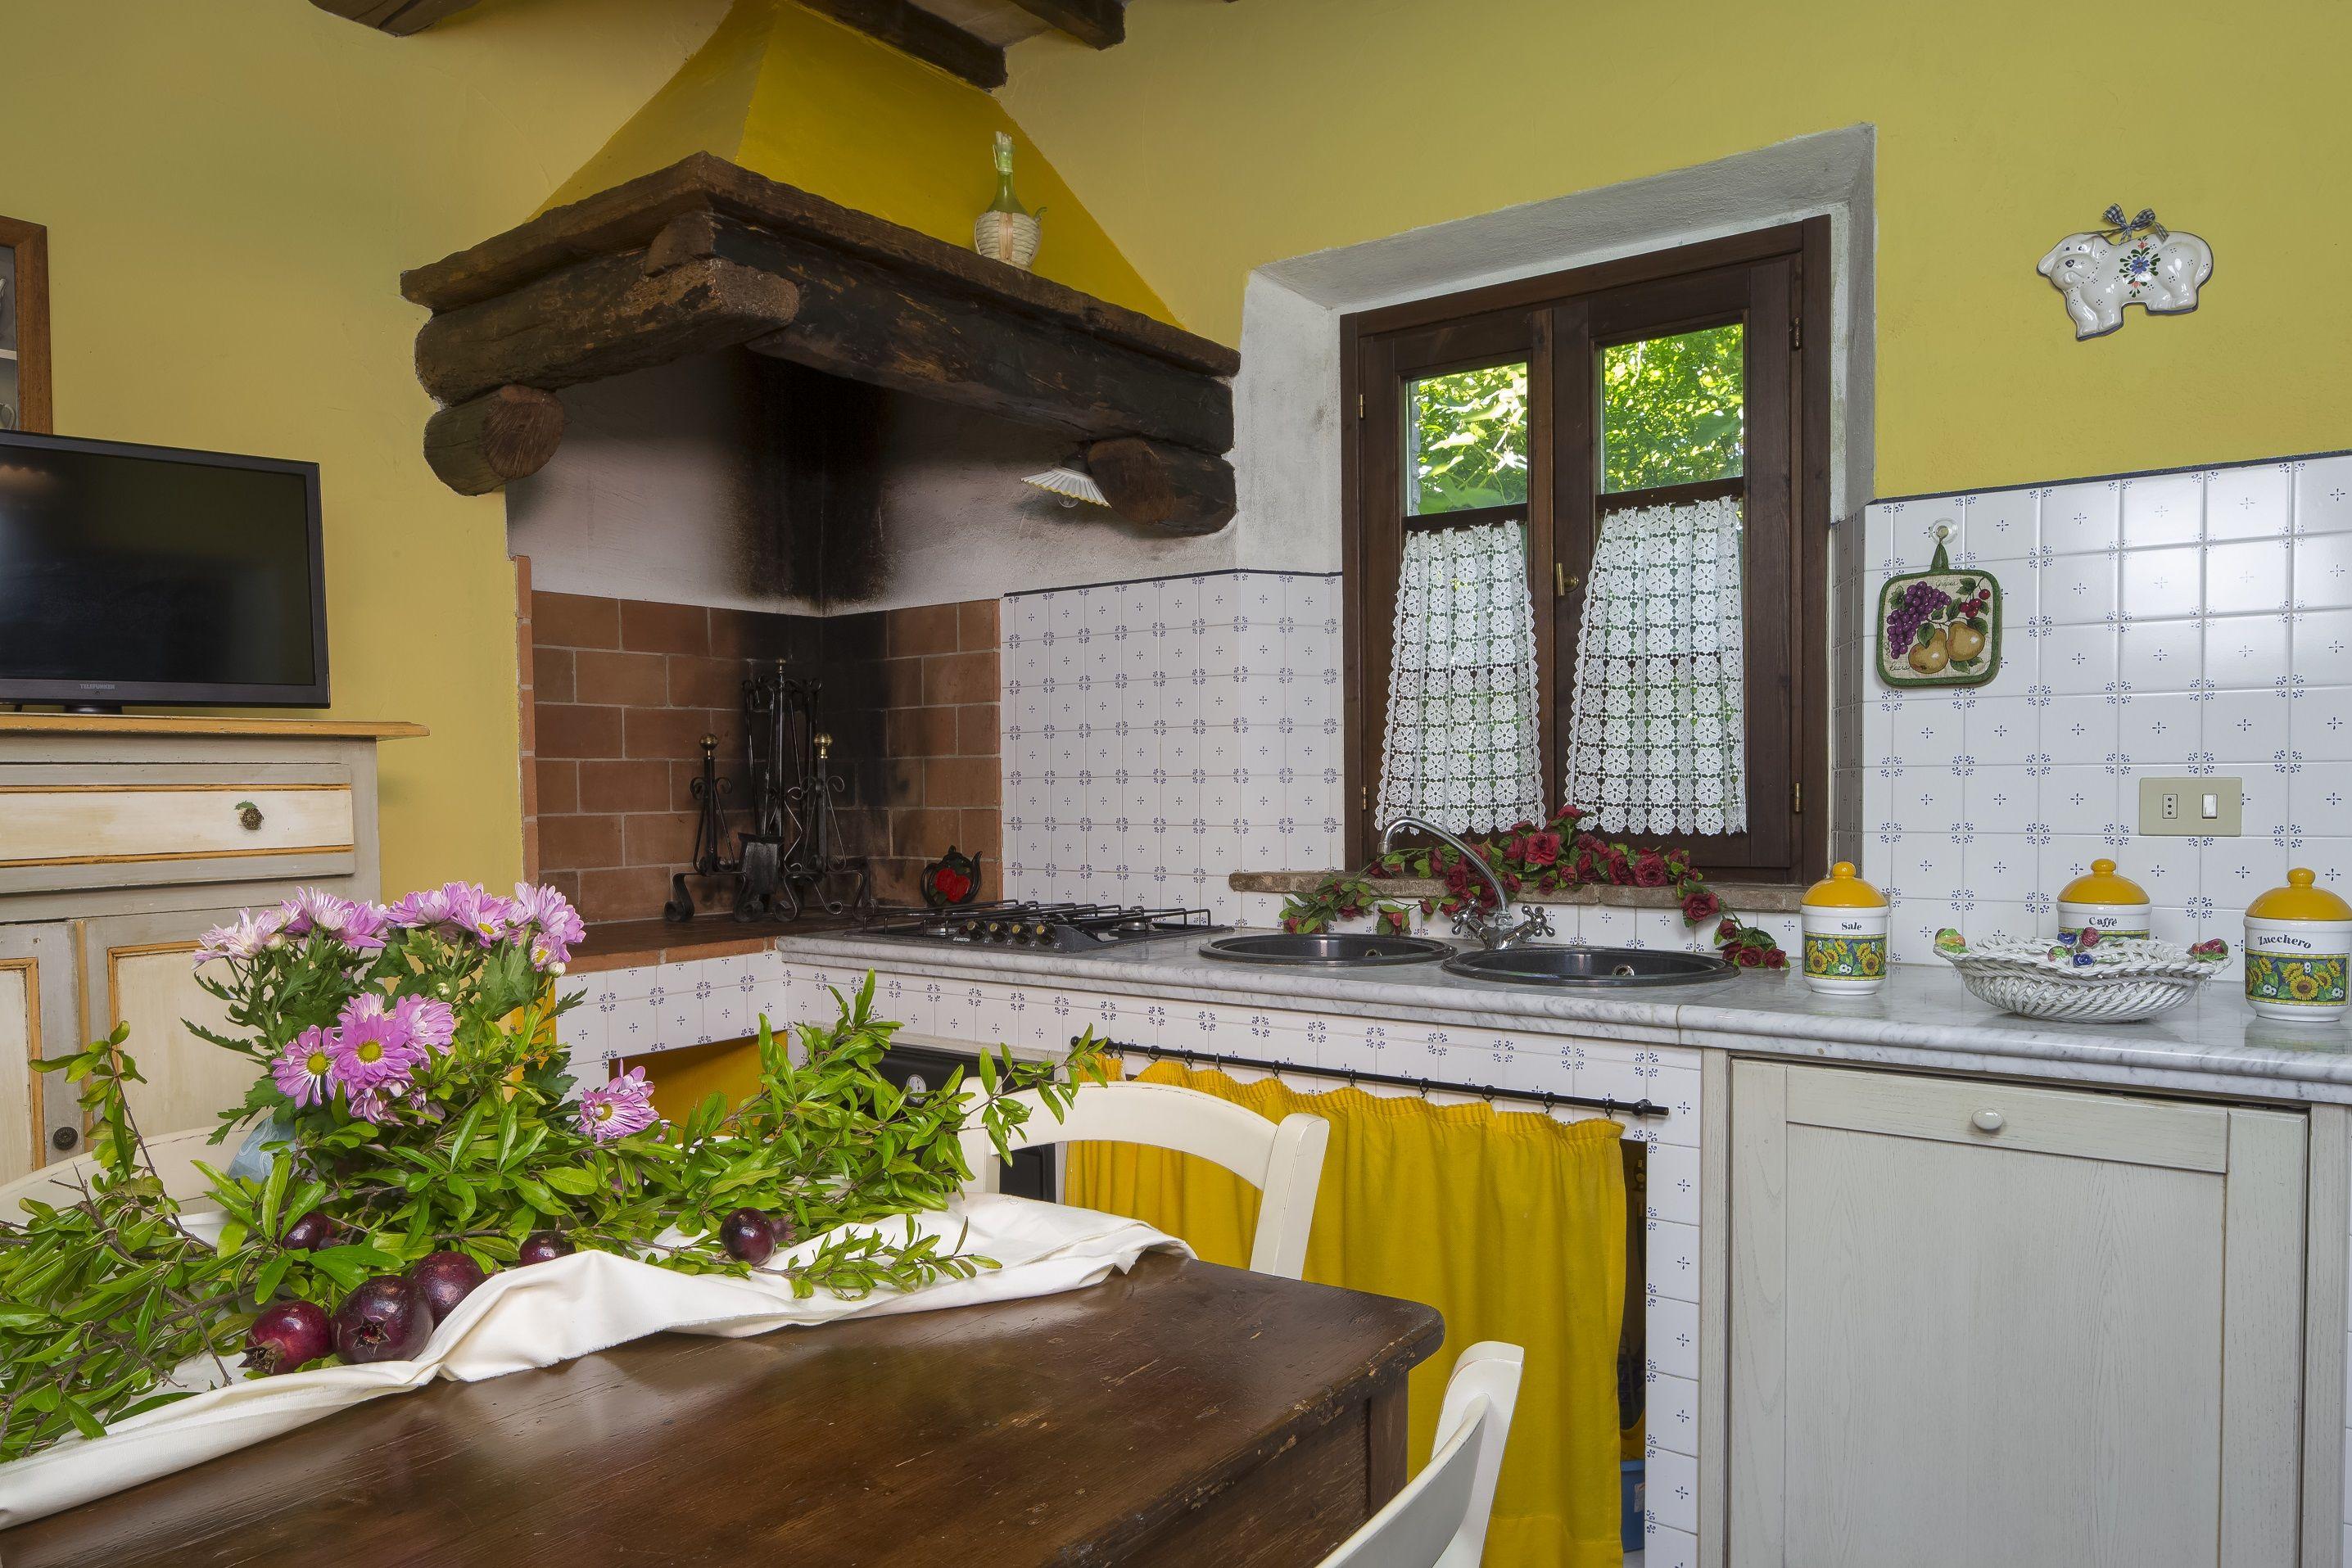 Apartment Podere La Casetta - Fienile Holiday Home photo 16213013